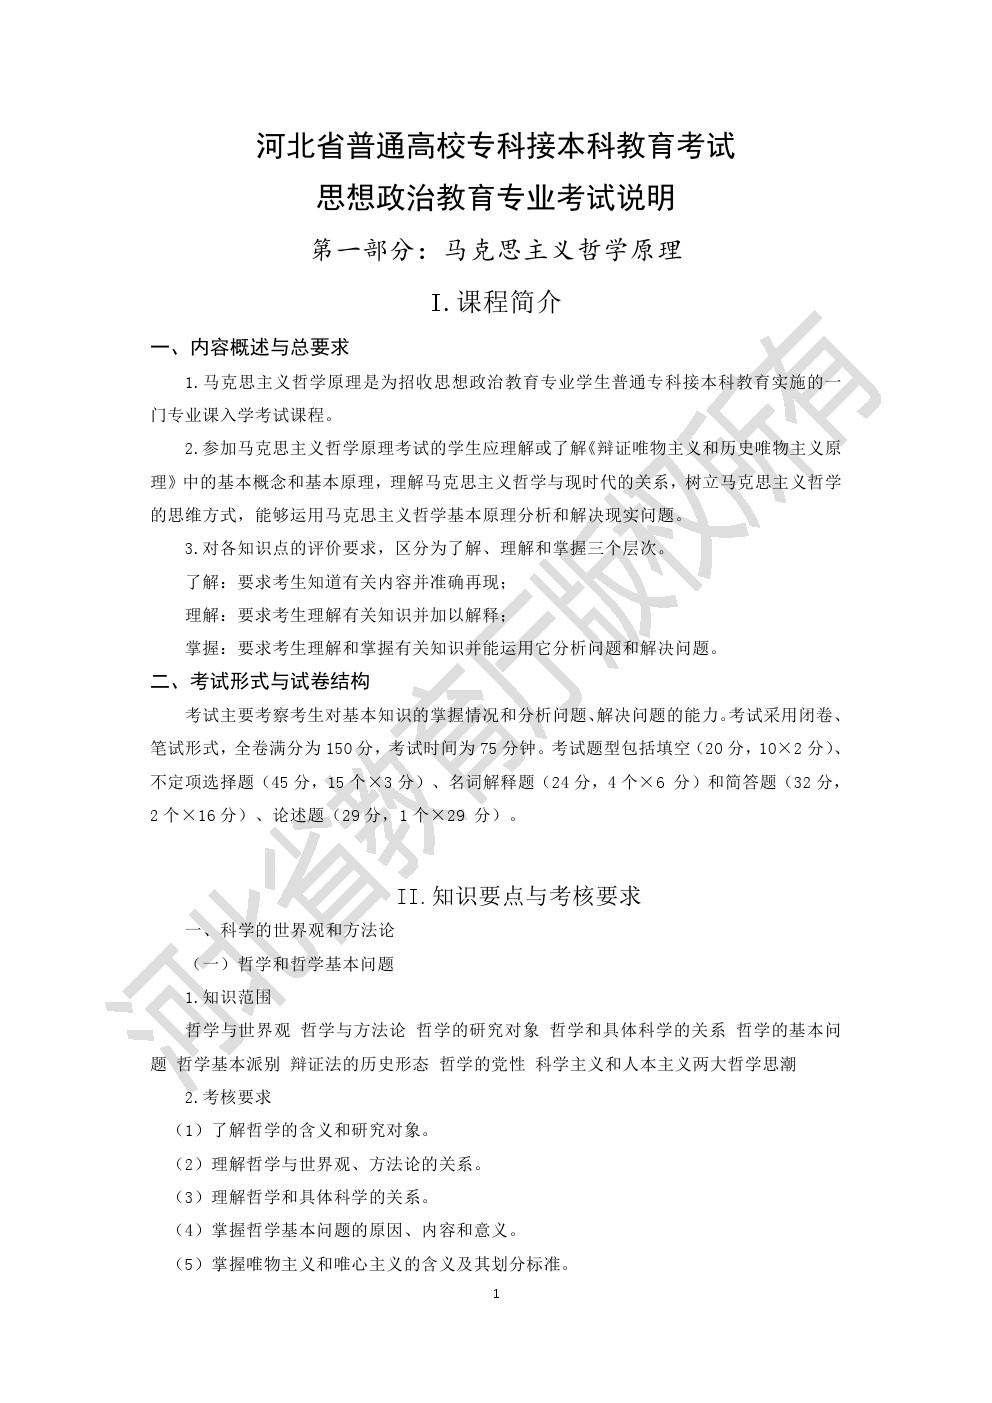 2020年河北省专接本考试文史类-思想政治教育专业考试说明(马克思主义哲学原理、中国特色社会主义理论体系概论)